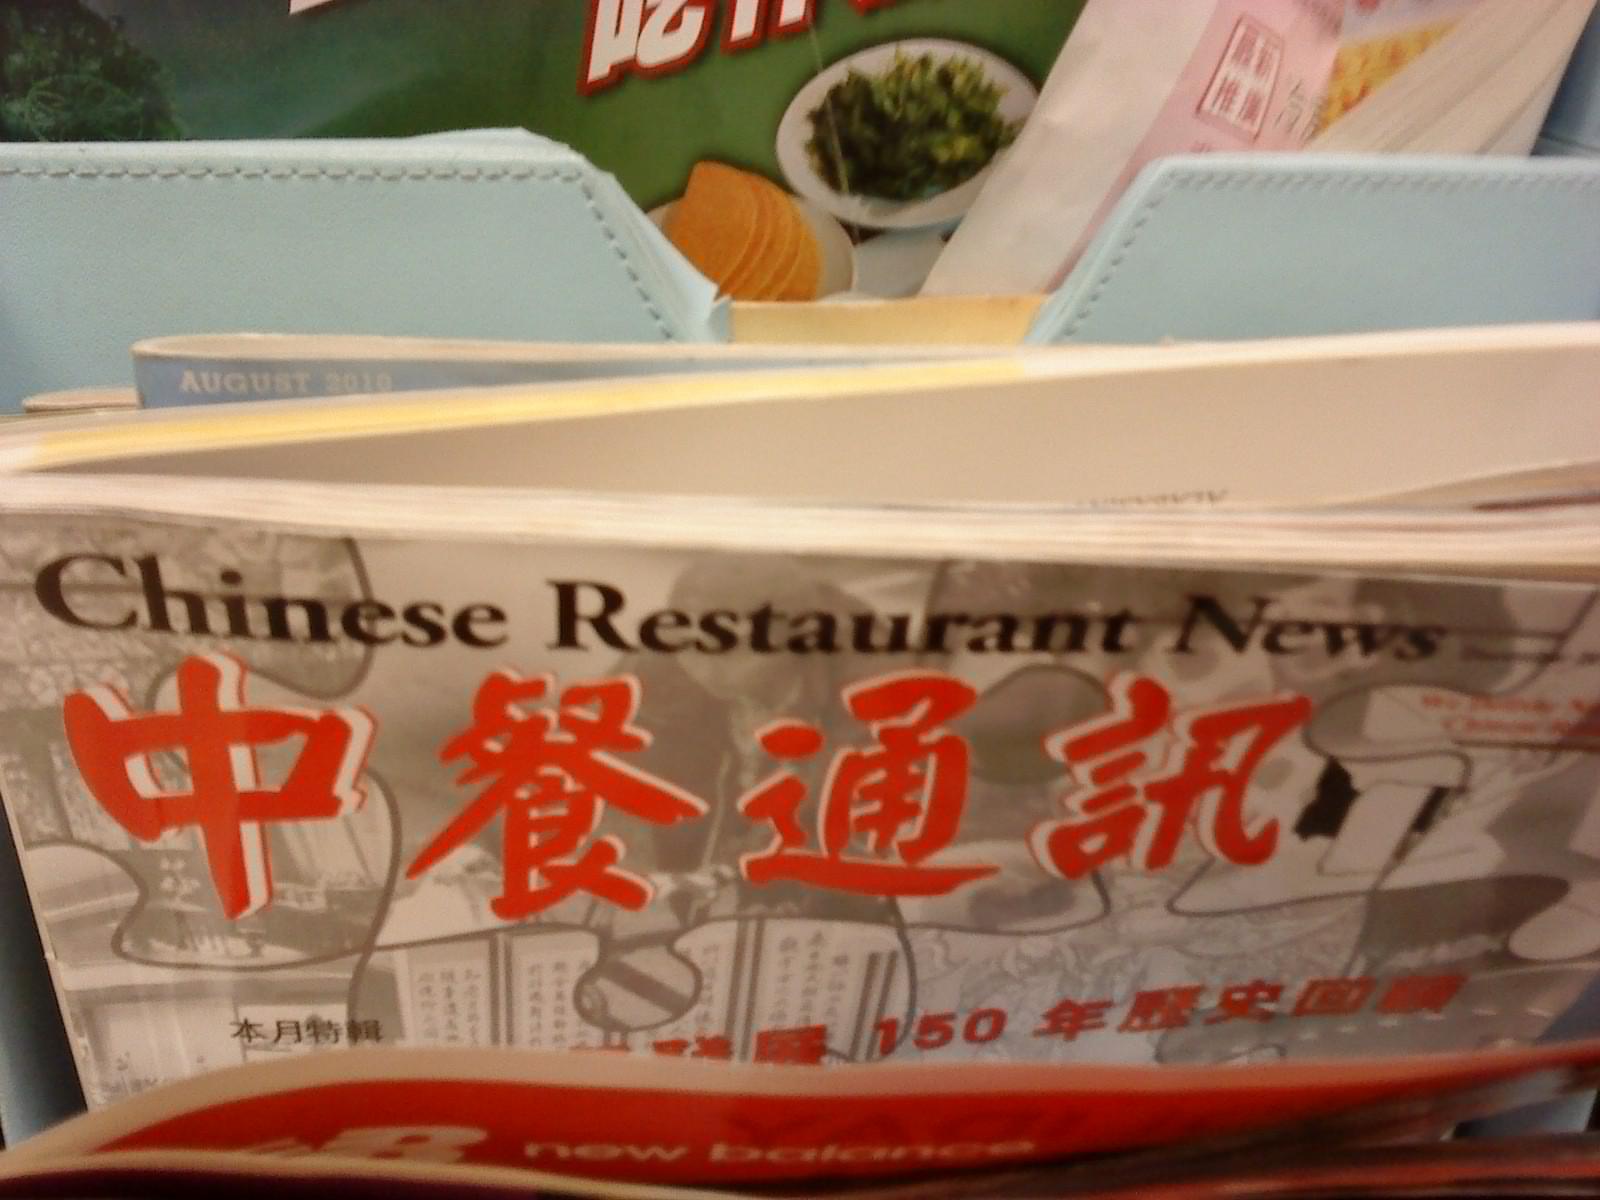 http://1.bp.blogspot.com/-0nRSbV3qh9w/T3DpZP2Q9UI/AAAAAAAAGC8/AZtsdOWLjps/s1600/Chinese+resturant+magazine.jpg